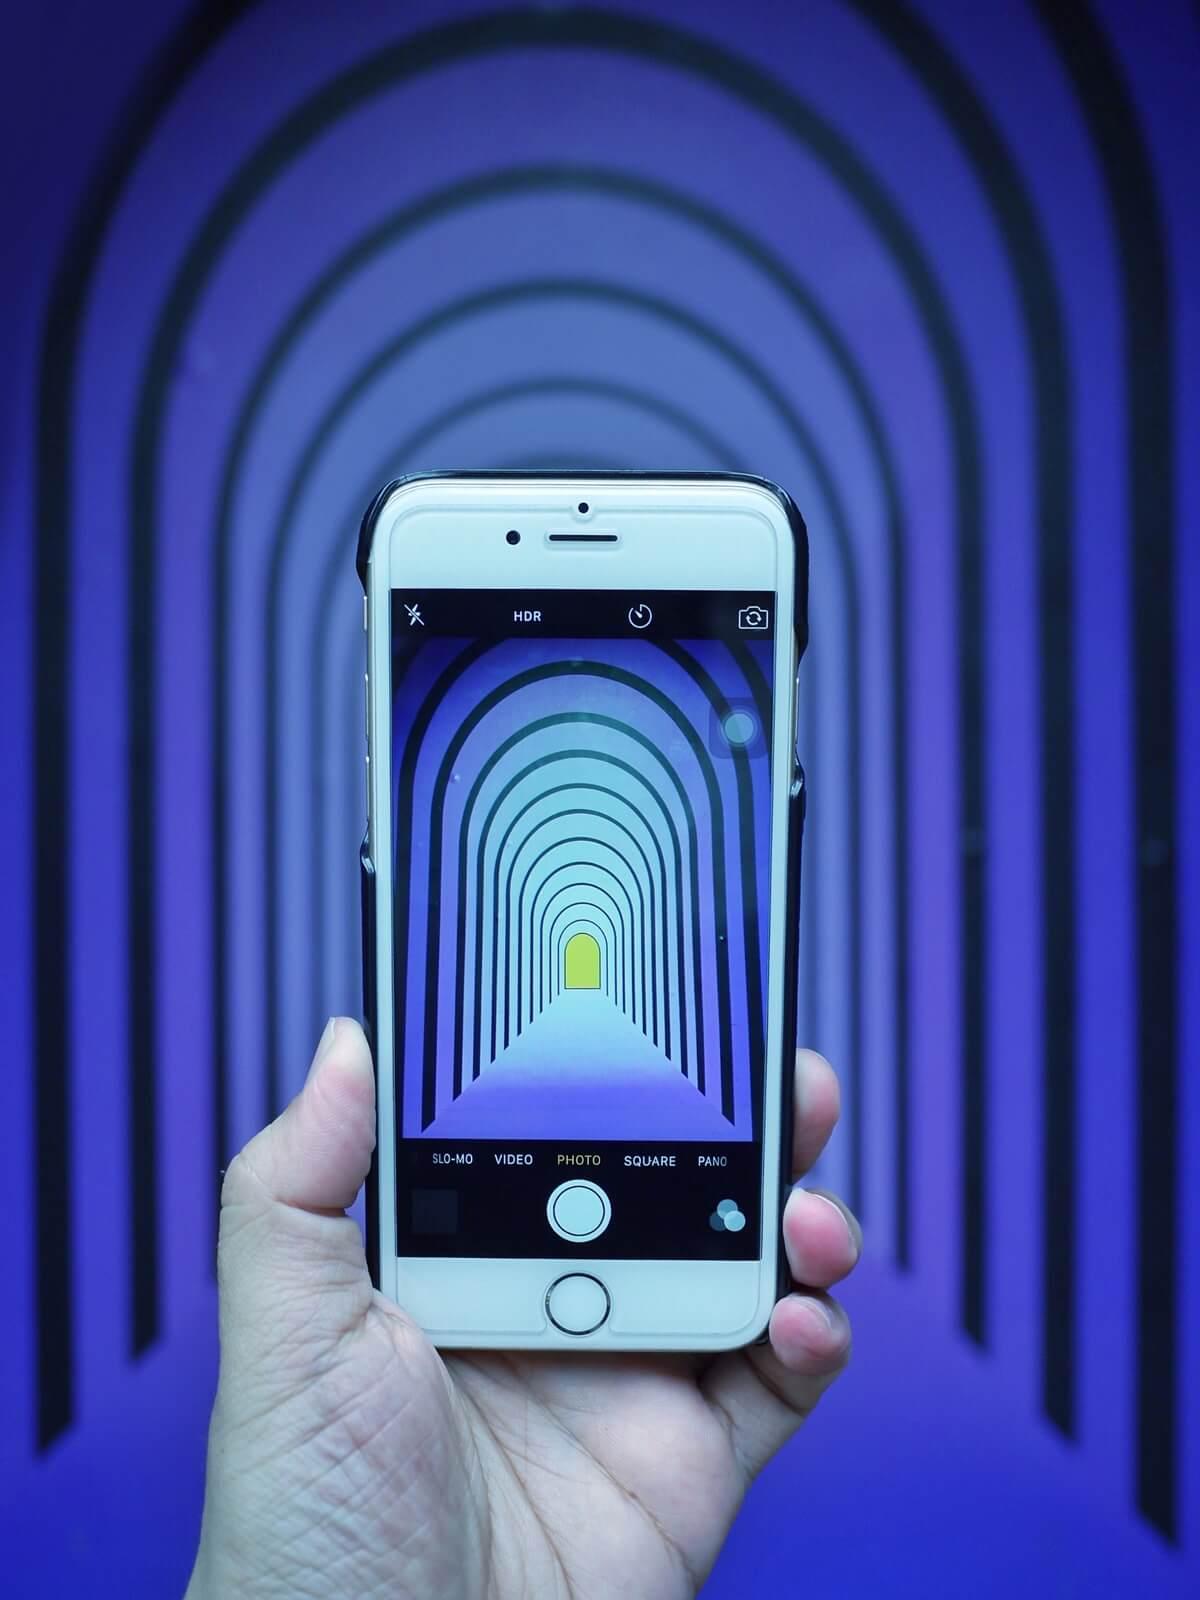 imagen smarthphone